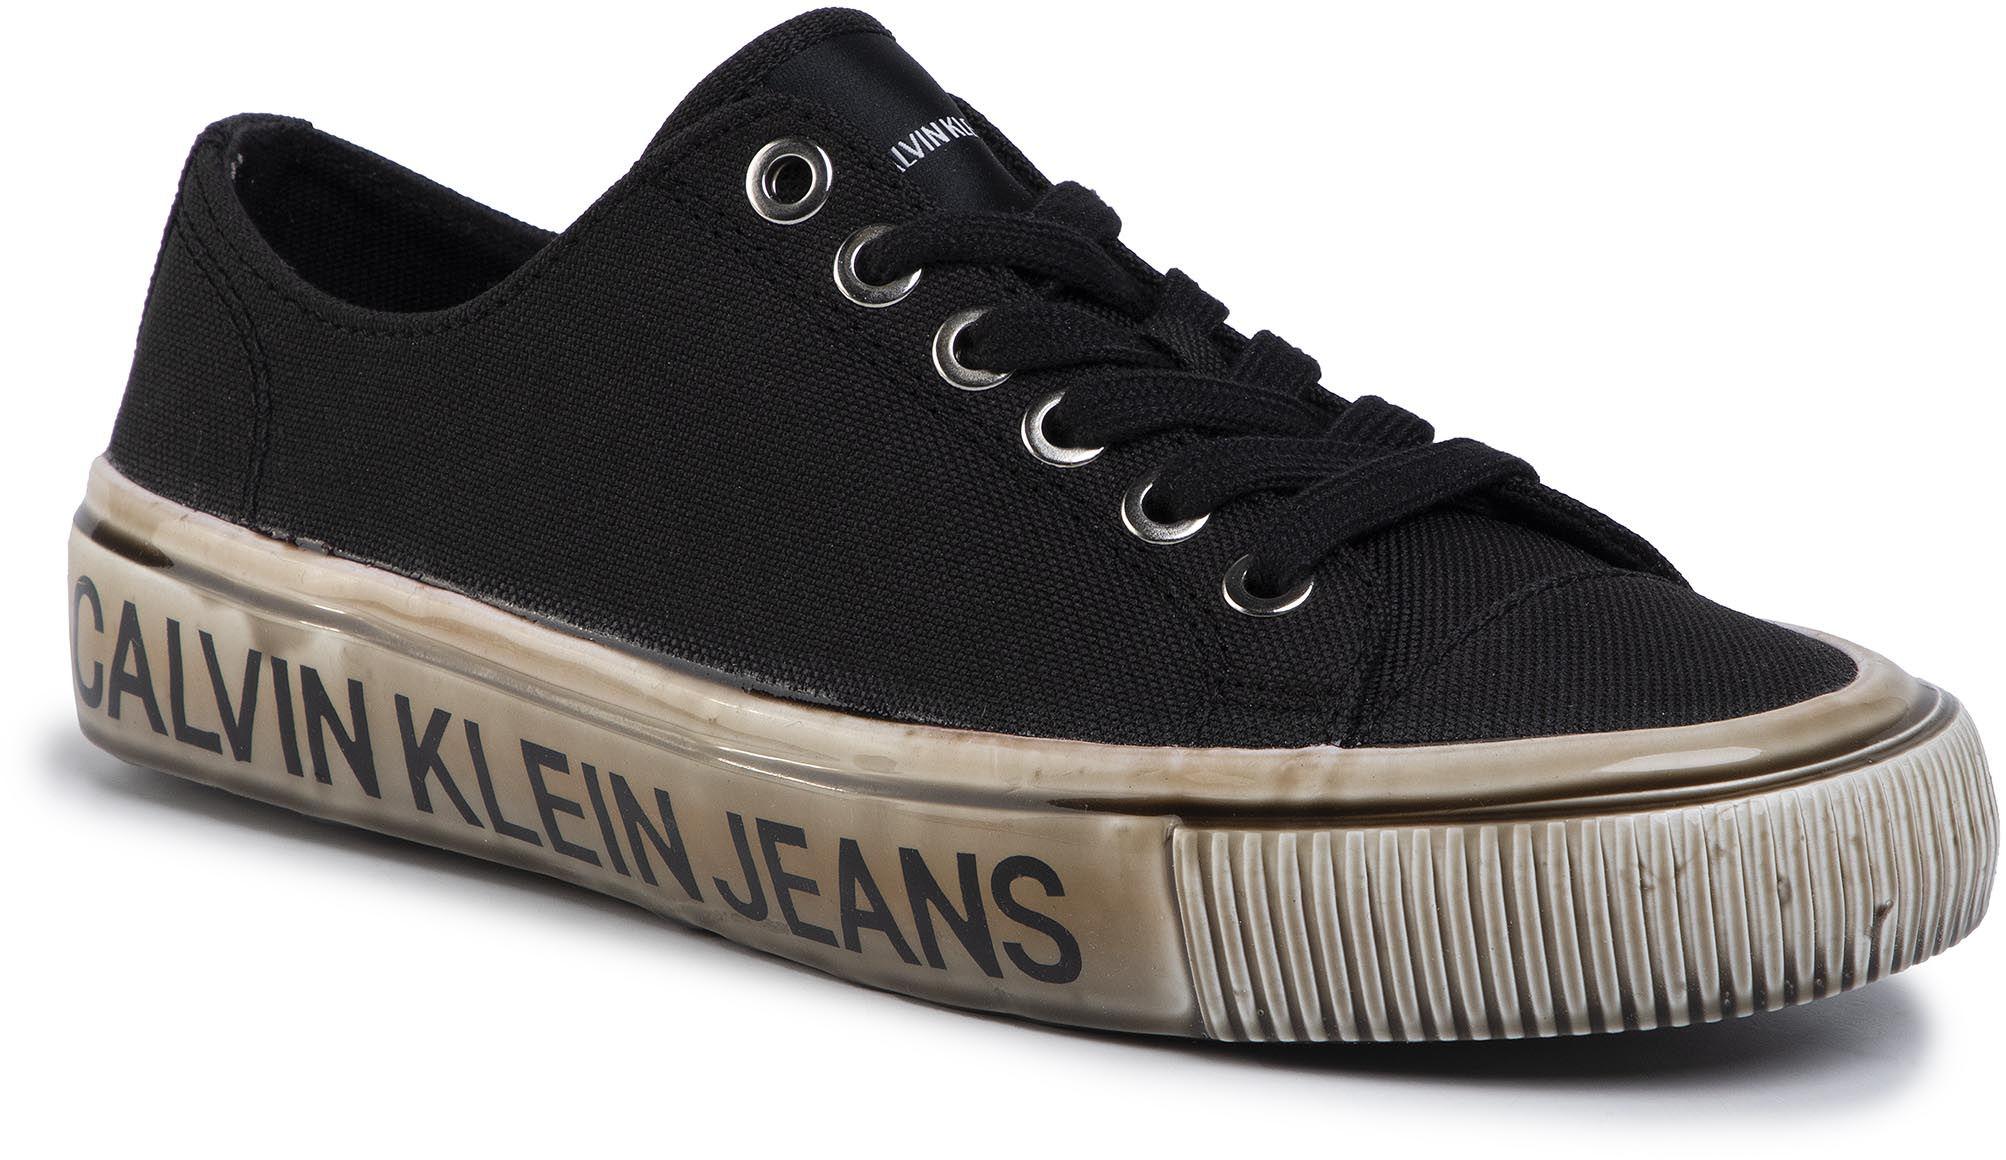 Tenisówki CALVIN KLEIN JEANS - Destinee B4R0807 Black